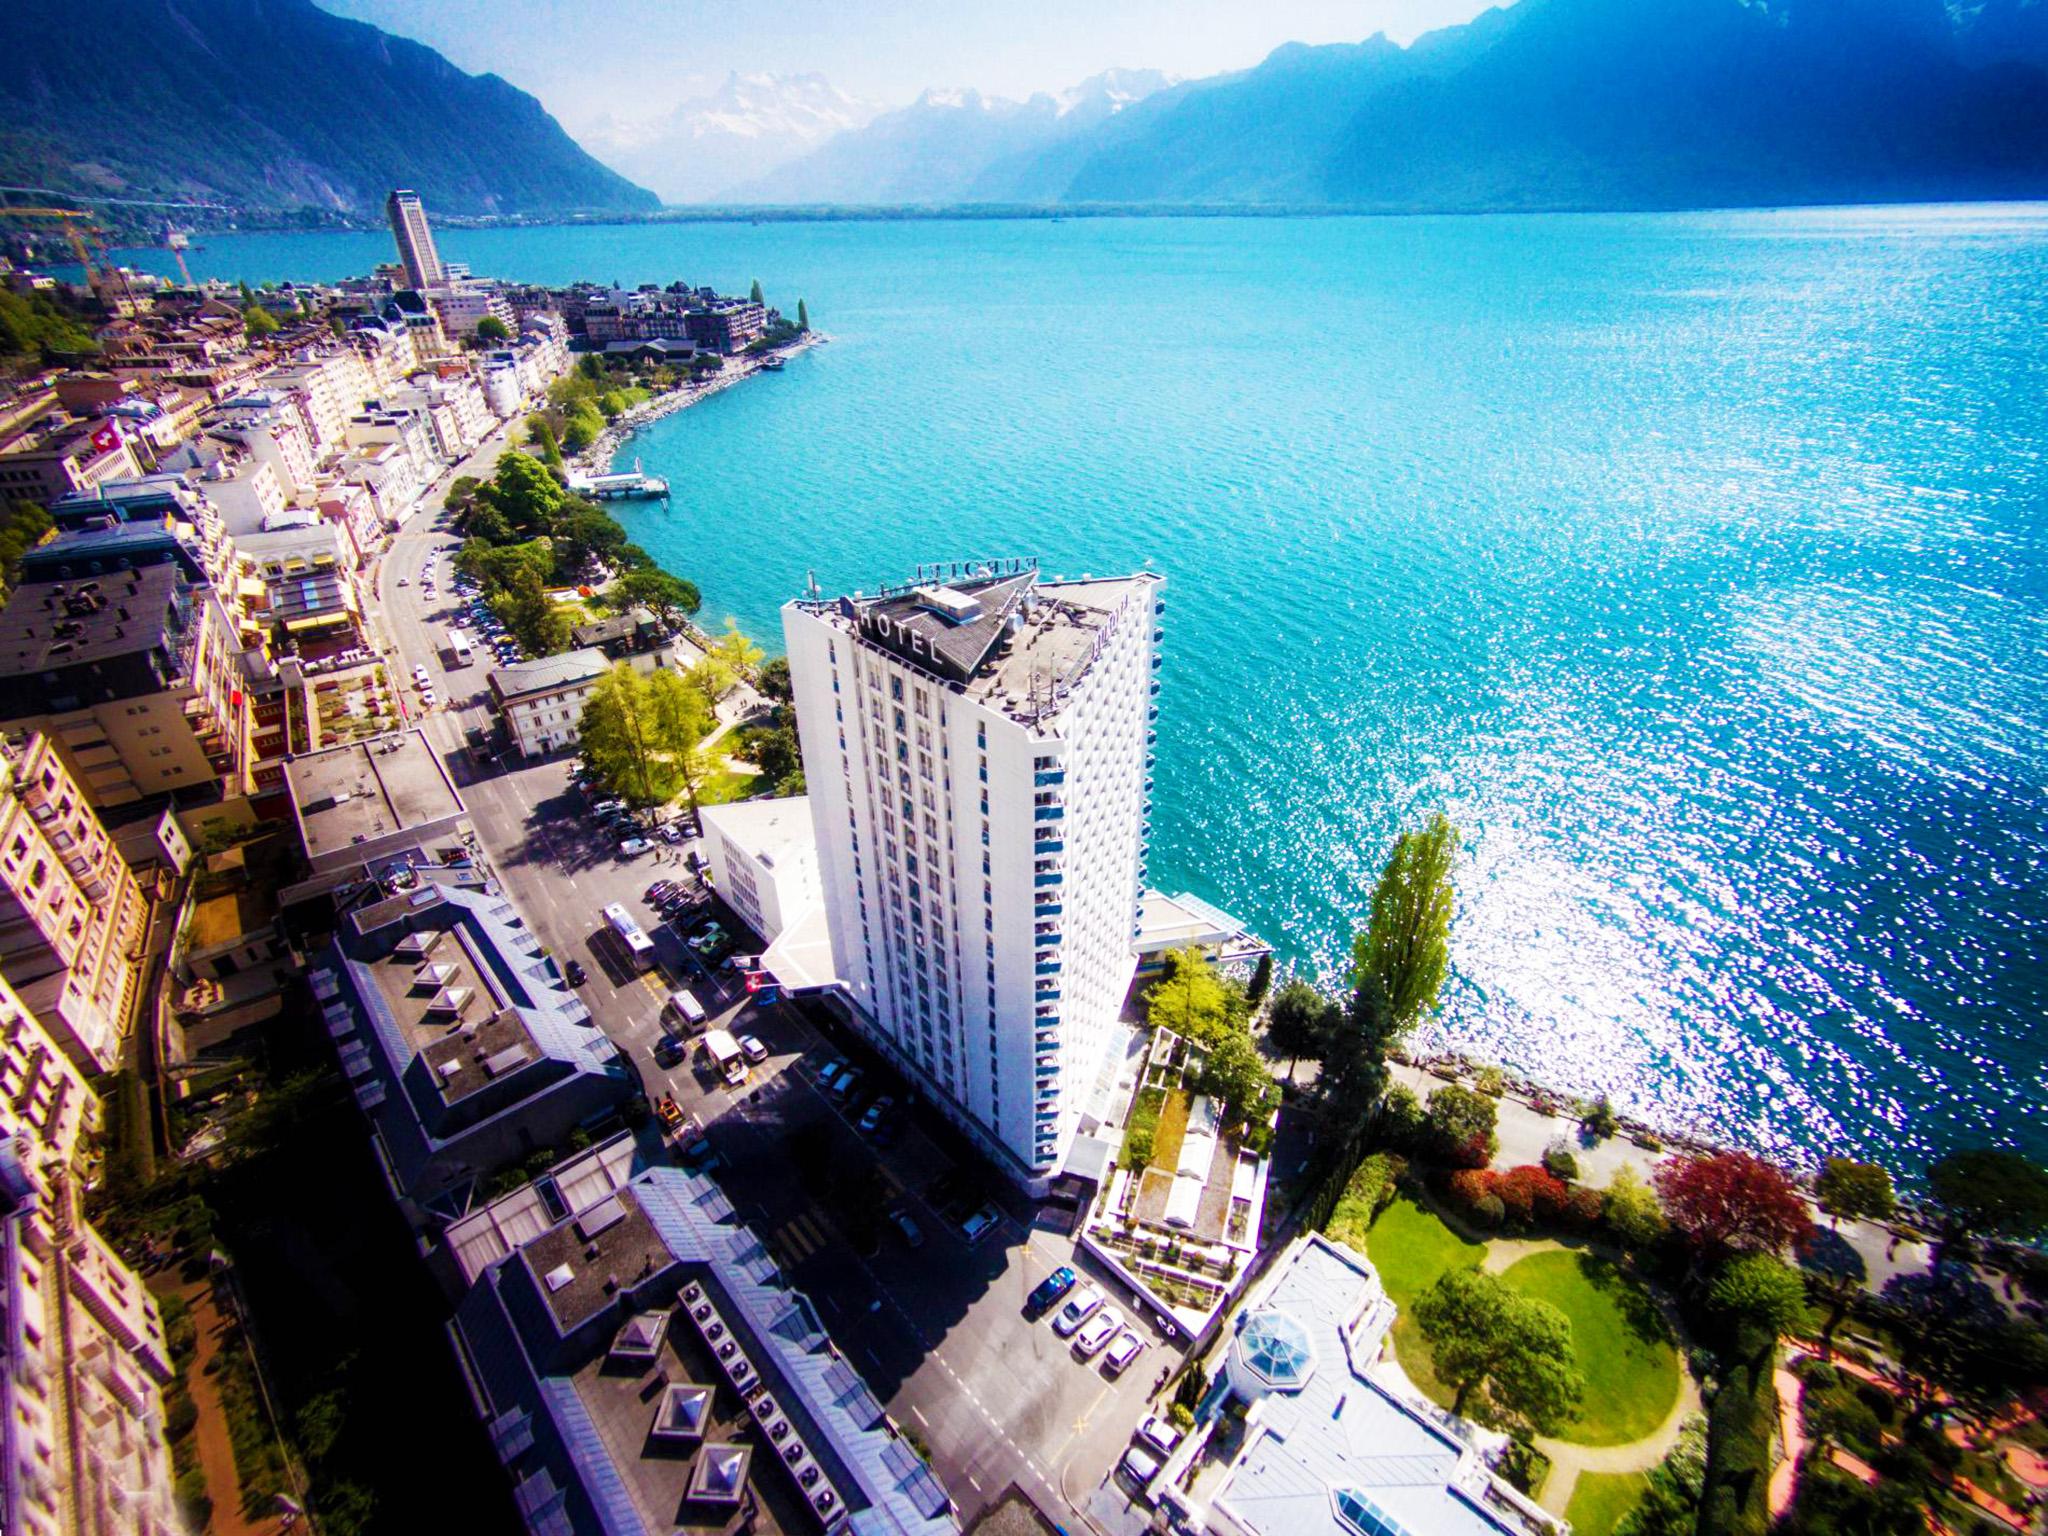 kt_2020_300_Keytours_excursions_Swisstours_montreux city5_2048_10